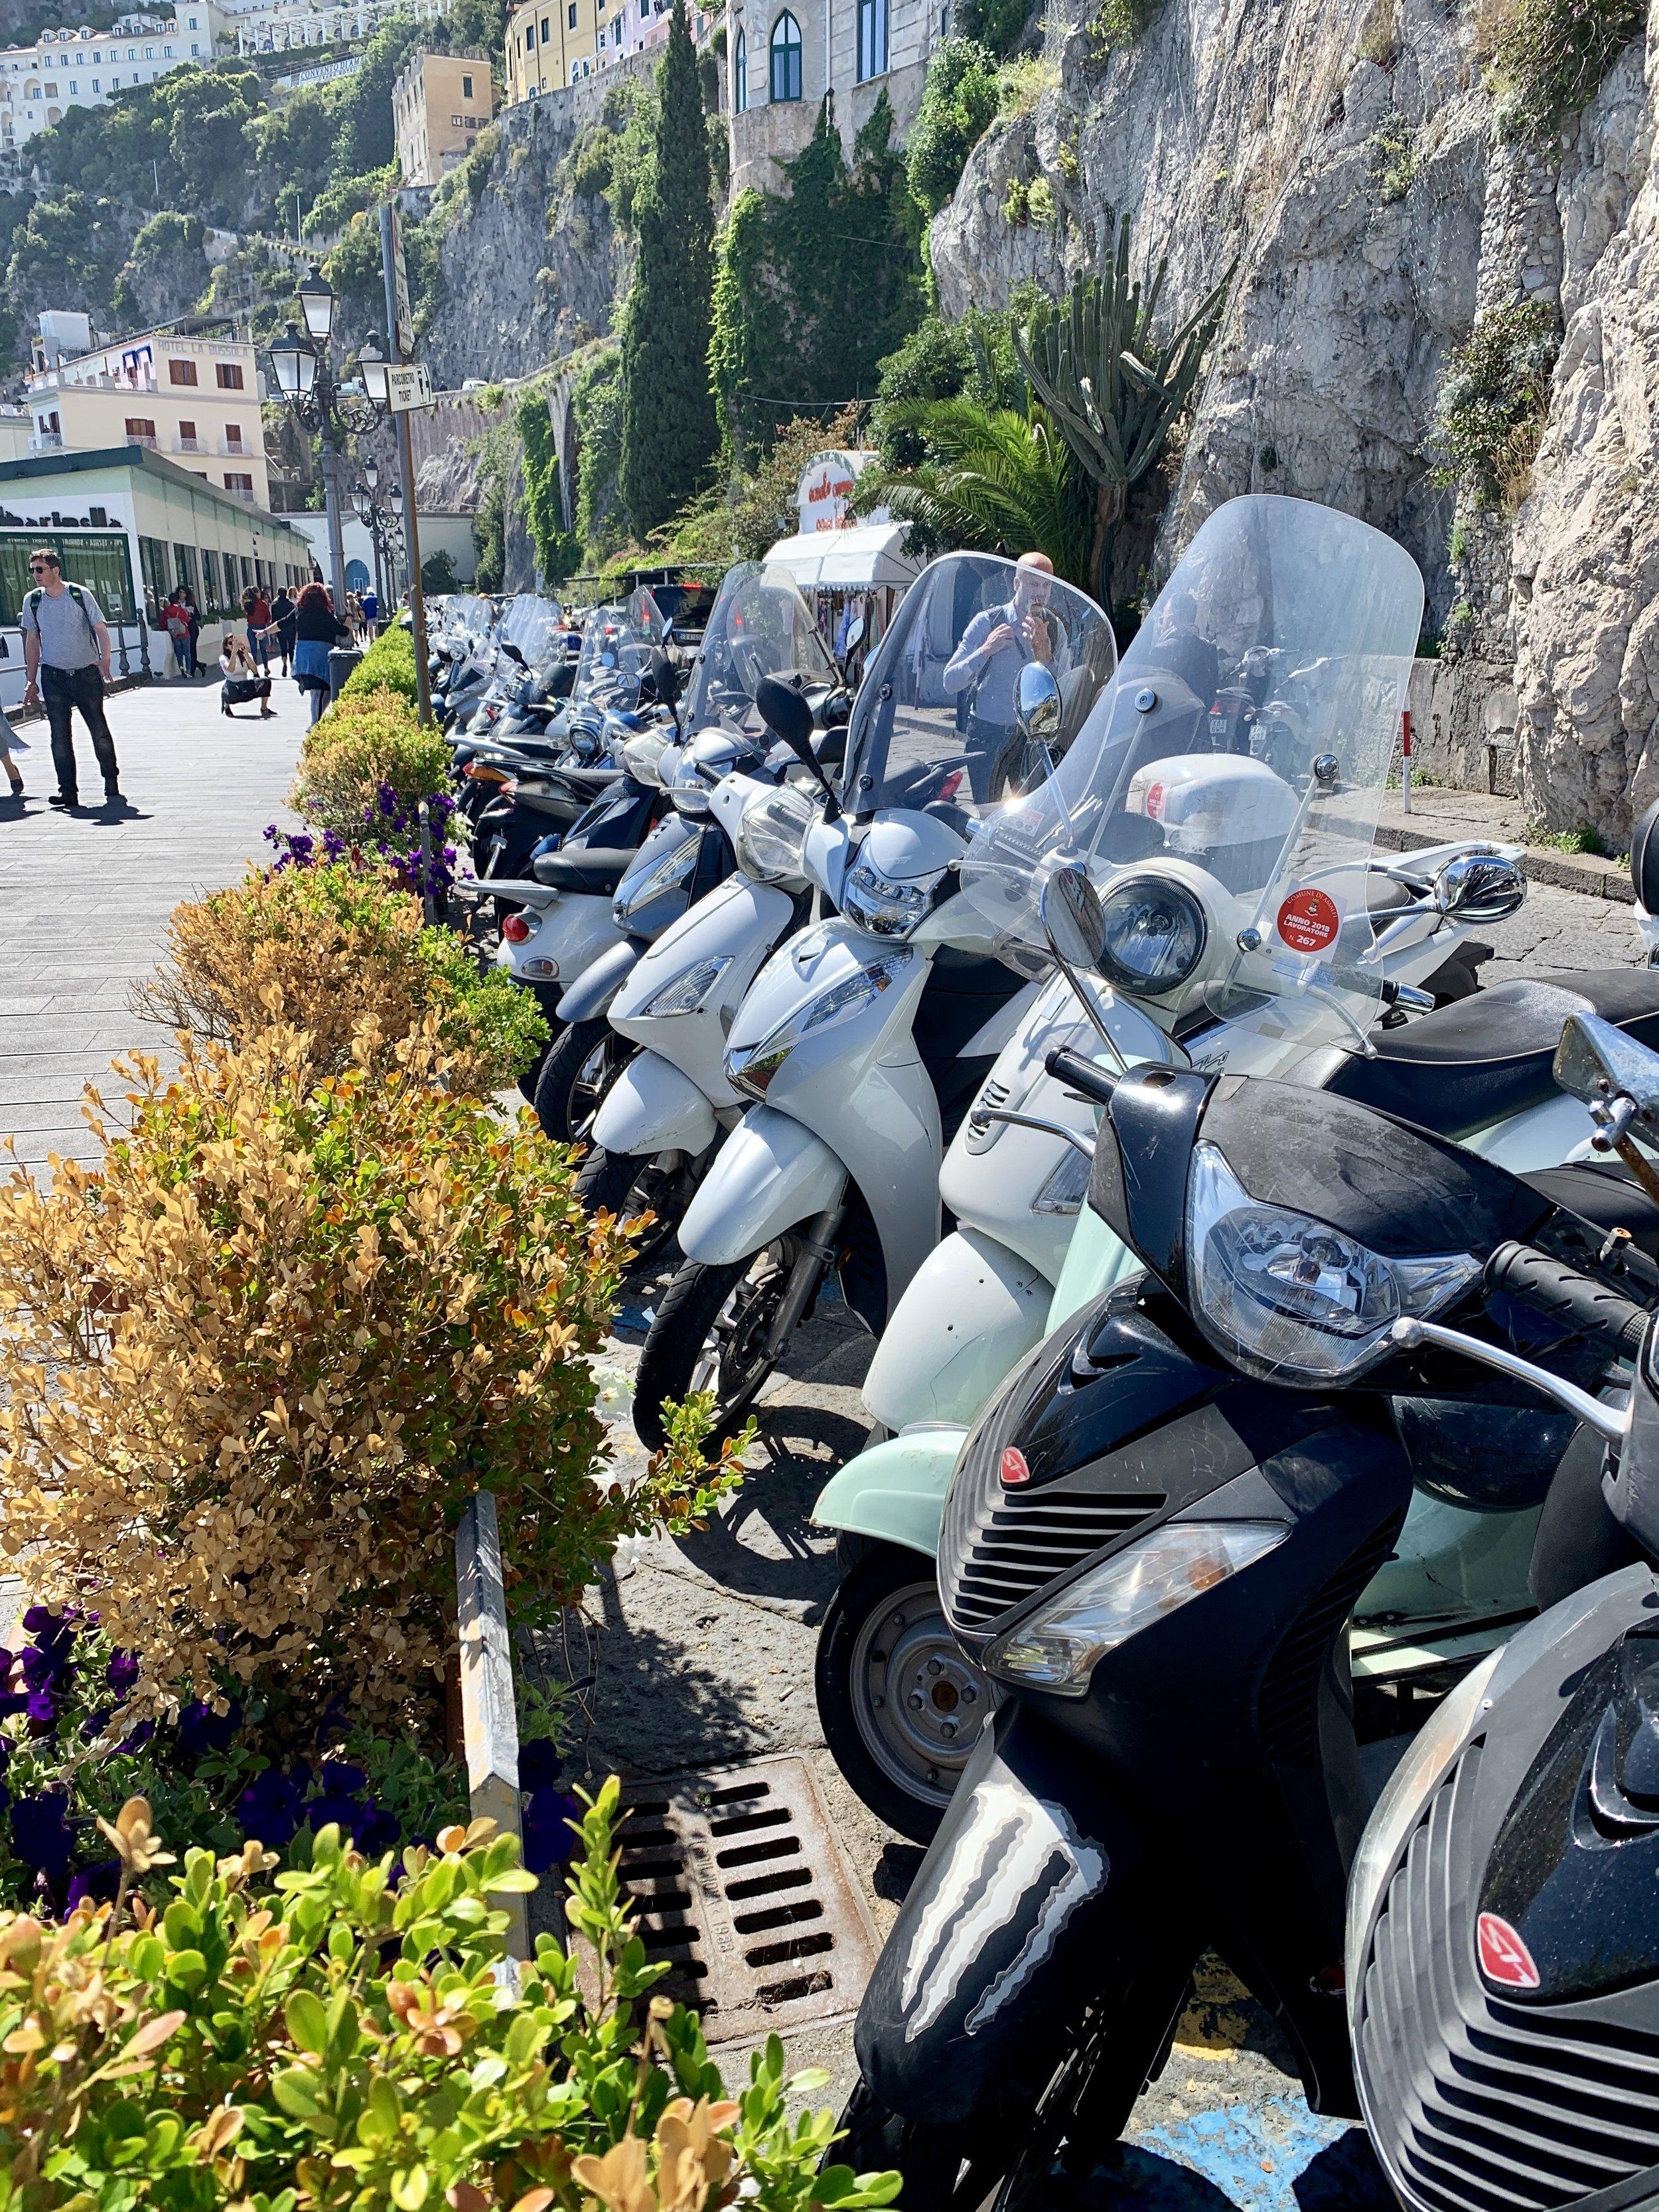 Stunning Amalfi!